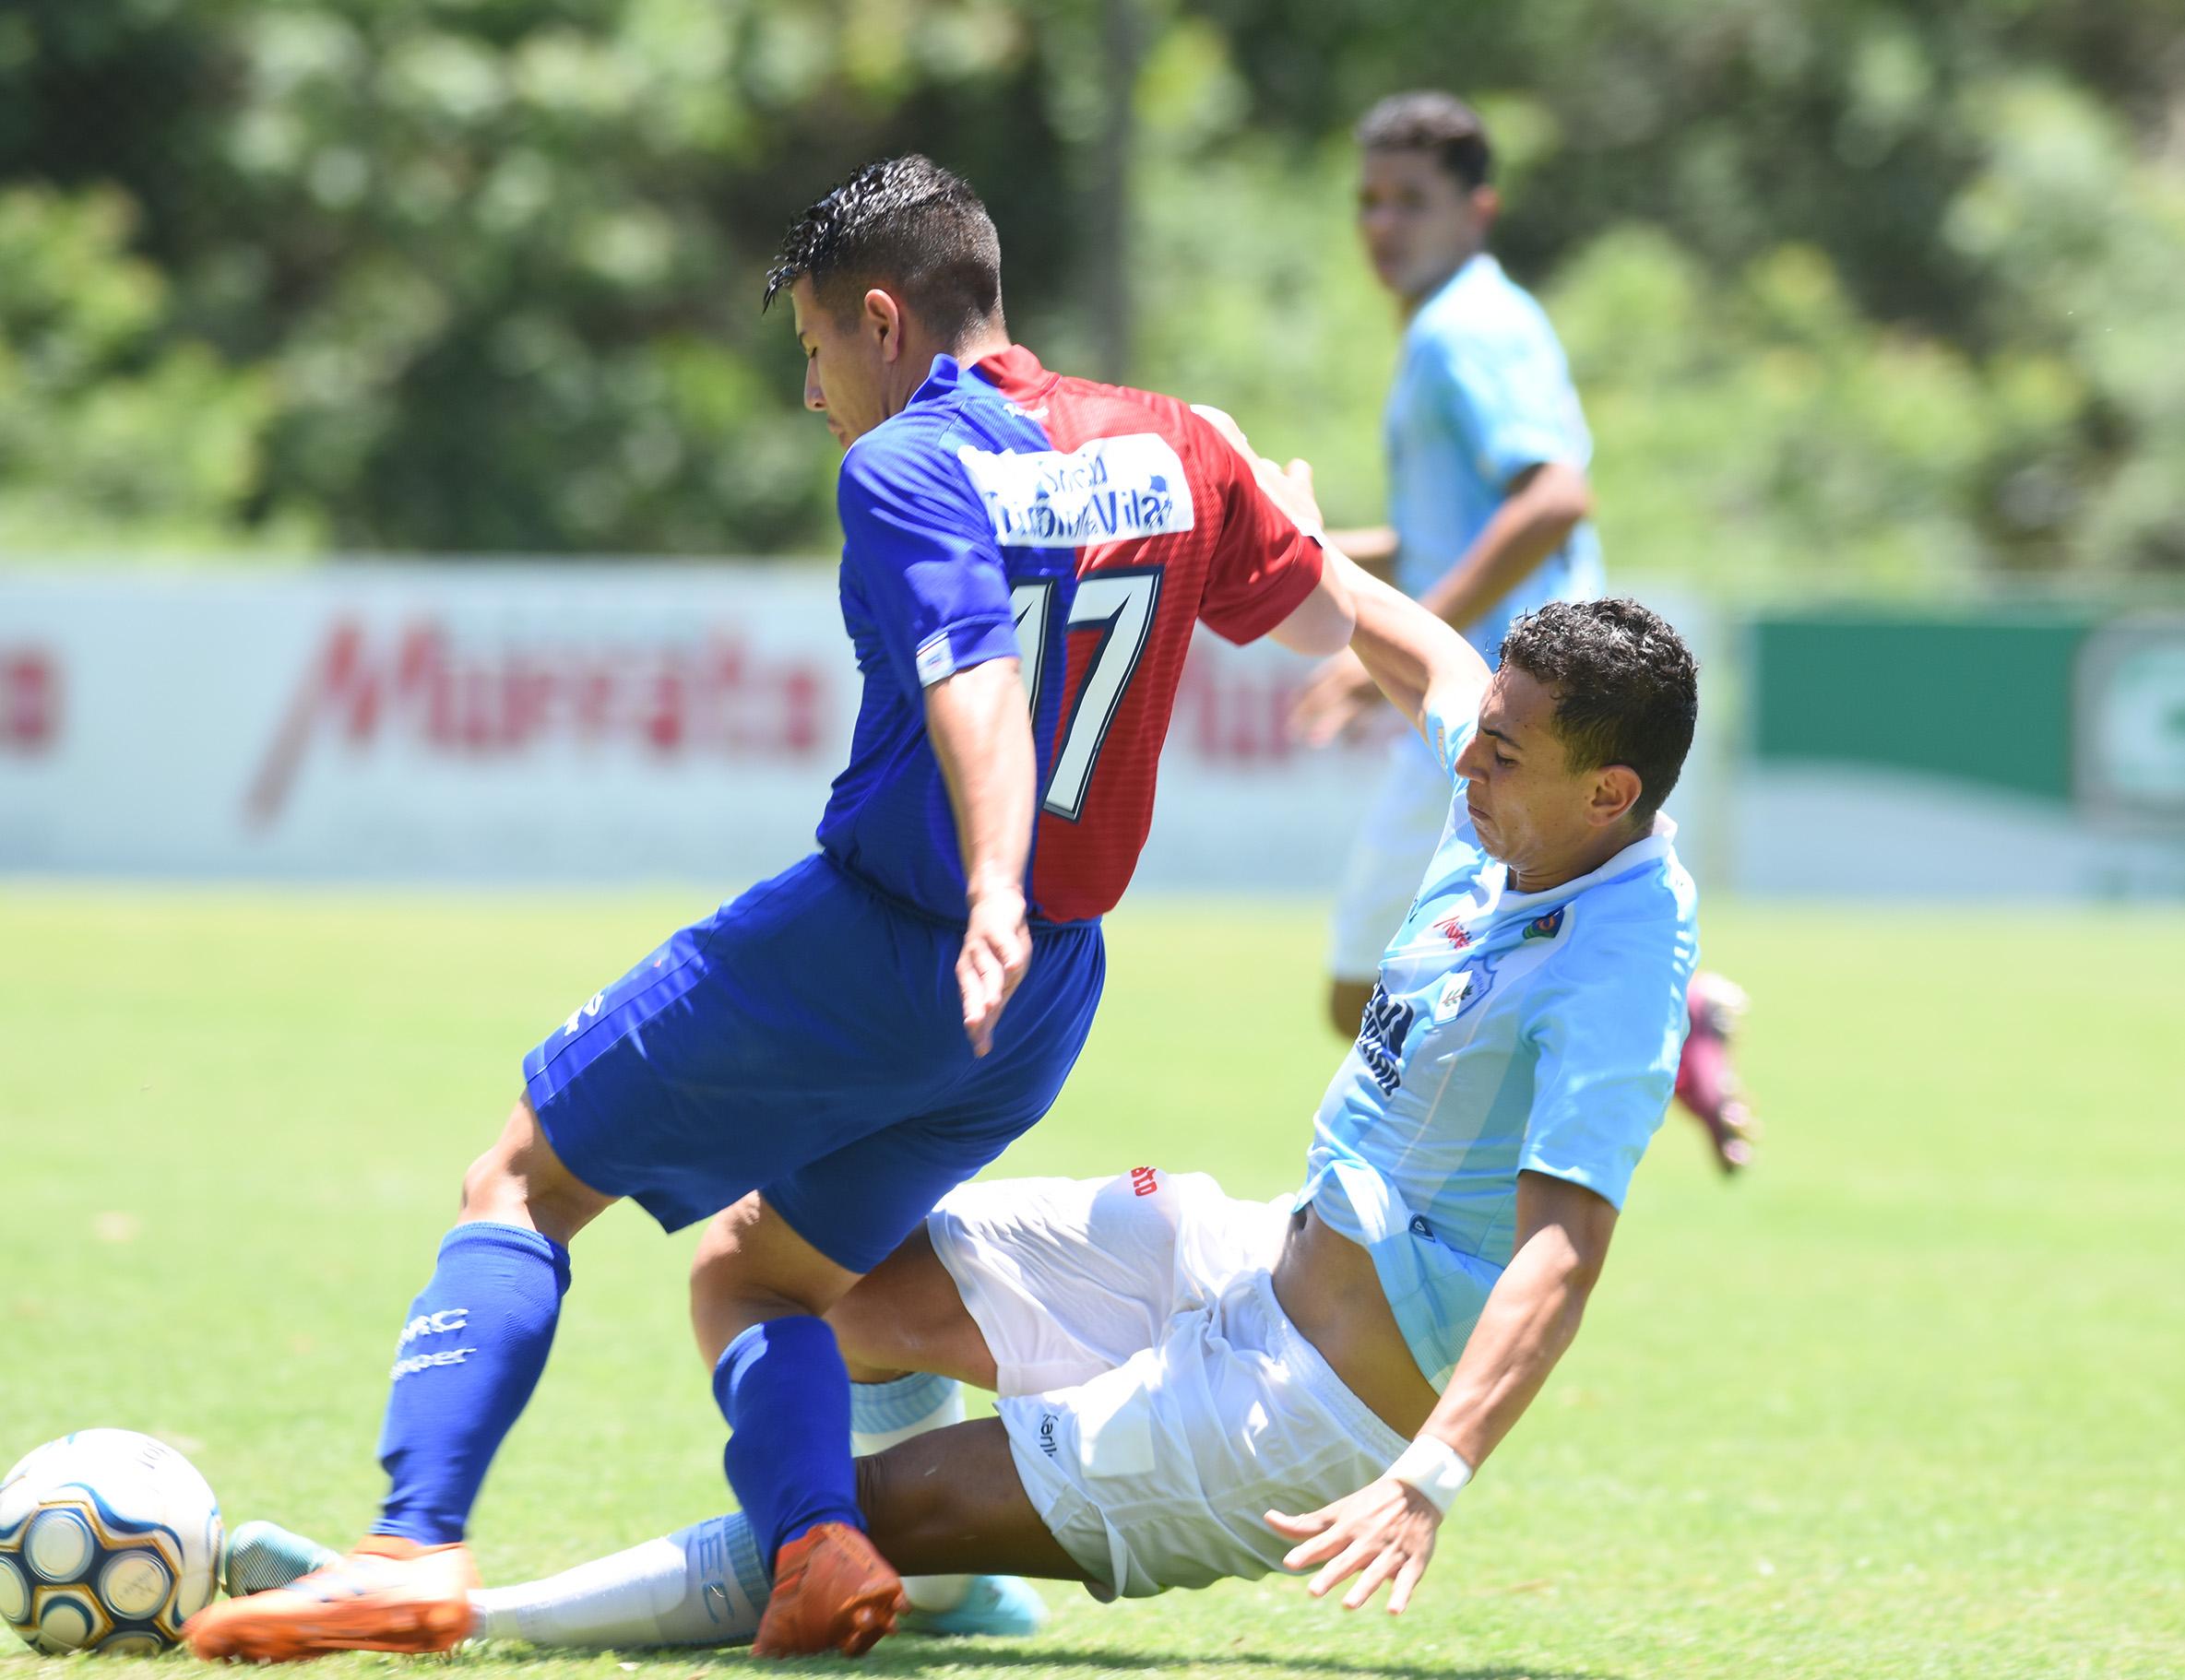 Londrina vence o Paraná e avança à final do Estadual sub-17